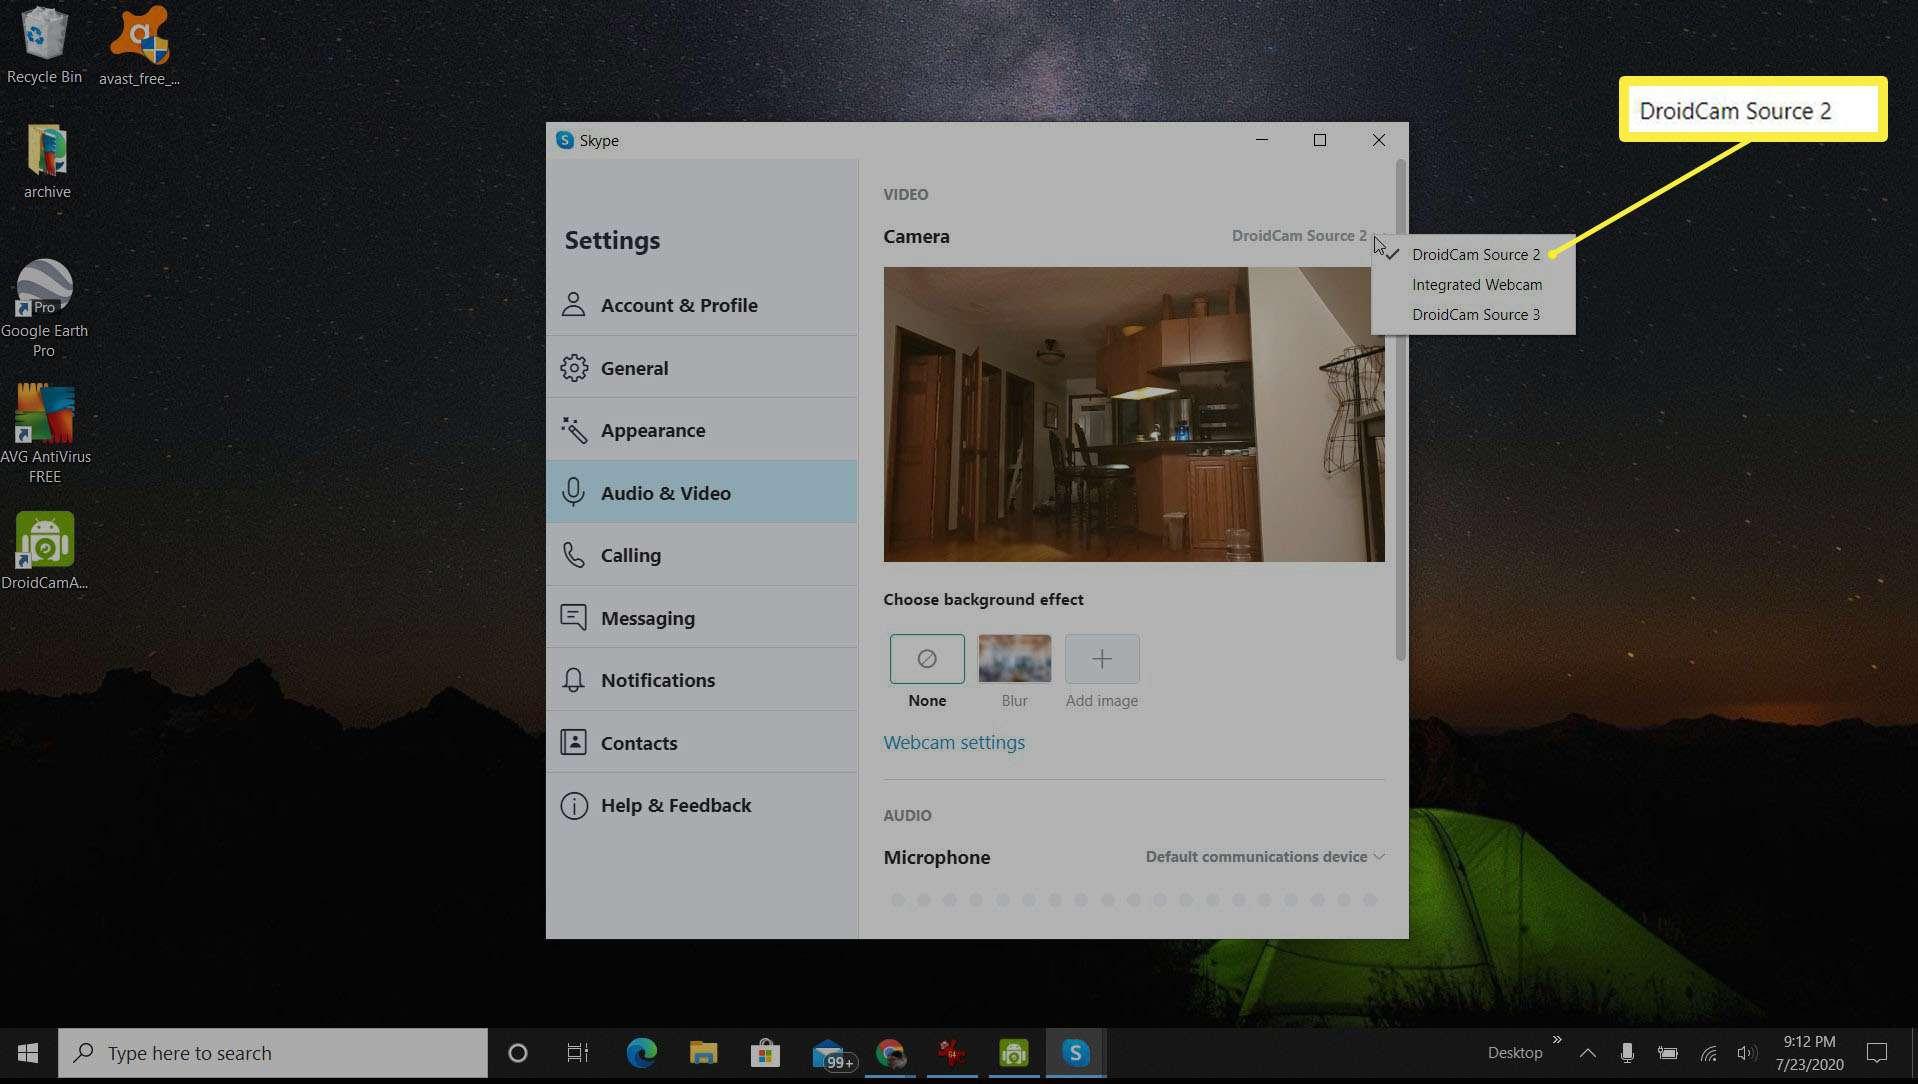 Screenshot of selecting DroidCam source in Skype.